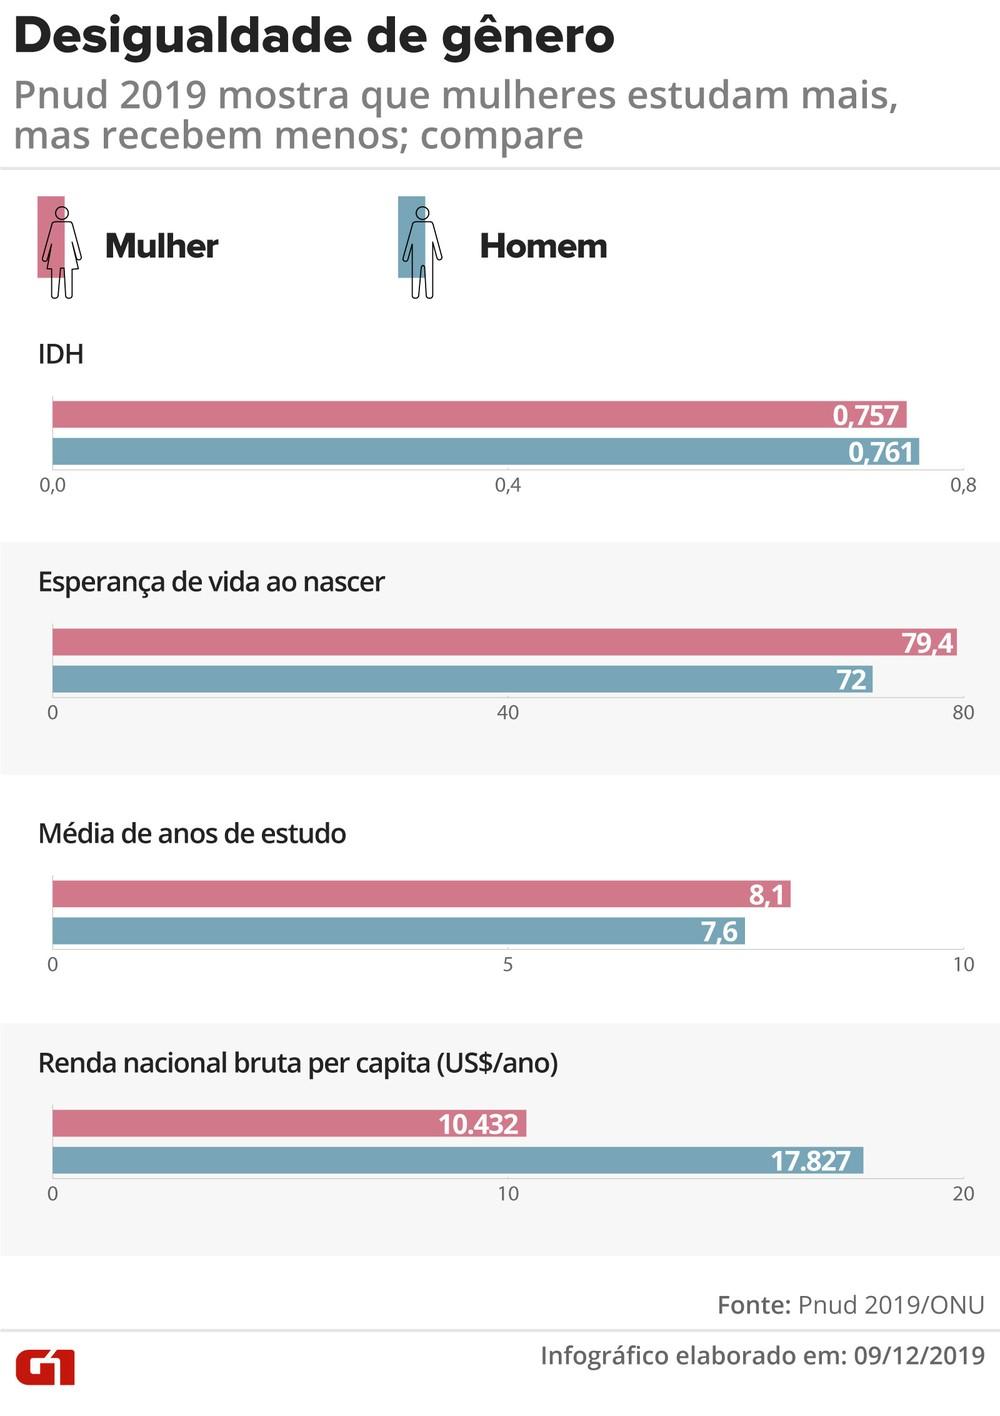 Infográfico mostra dados sobre desigualdade de gênero no Brasil — Foto: Juliane Monteiro/Arte G1